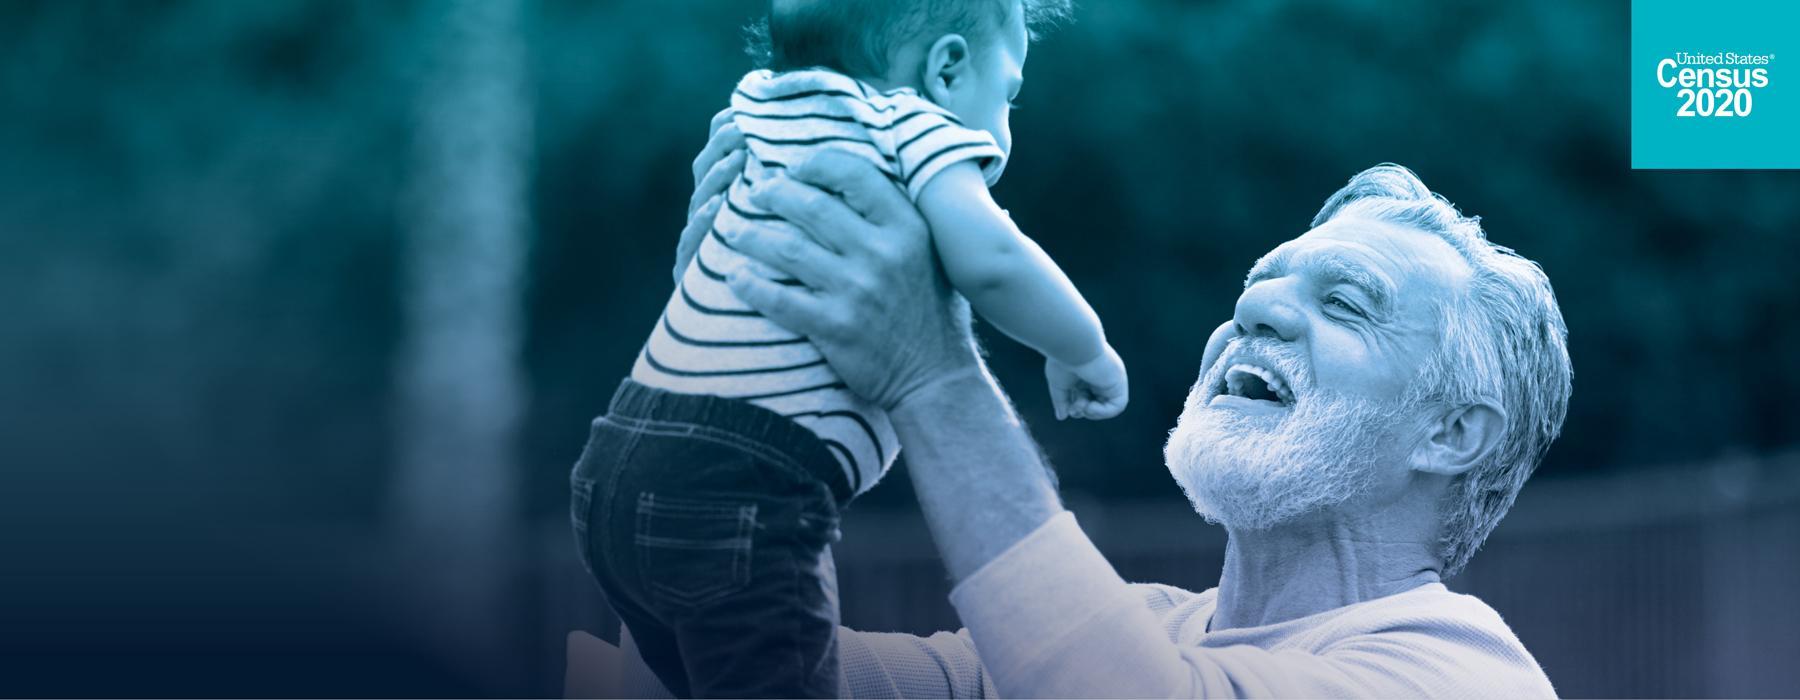 Older adult holding grandchild